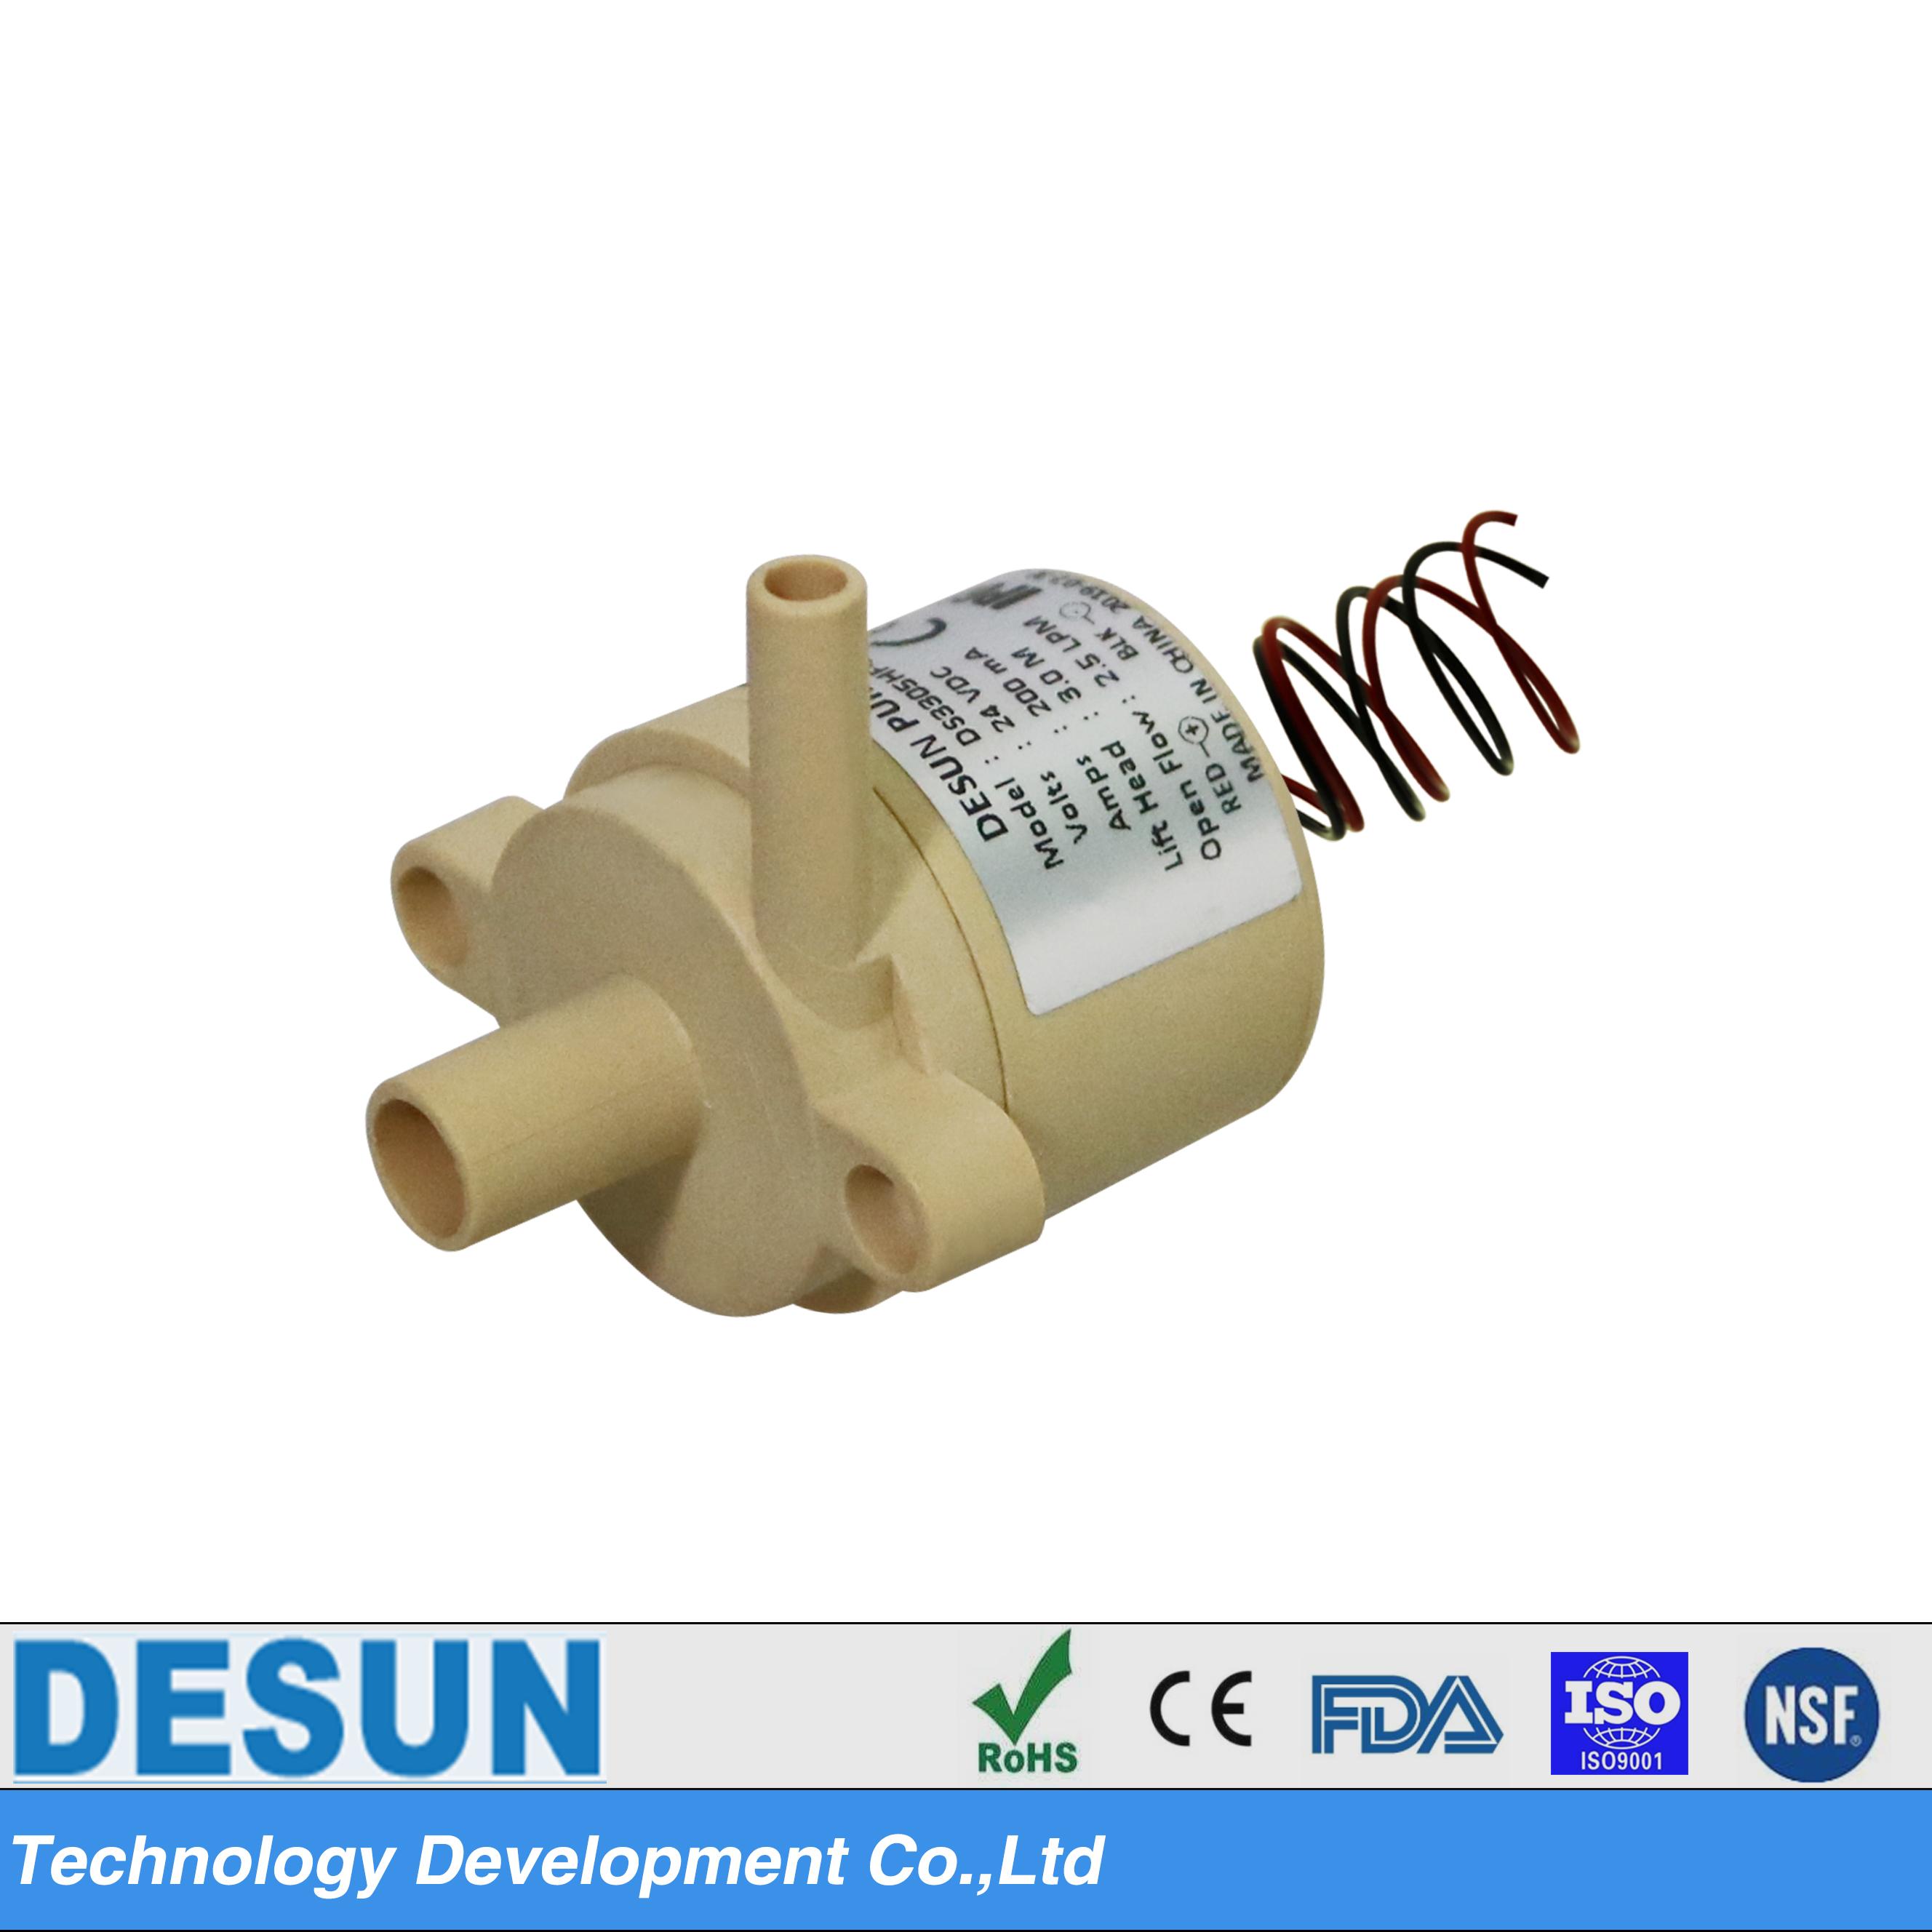 食品级无刷直流水泵DS3305HF